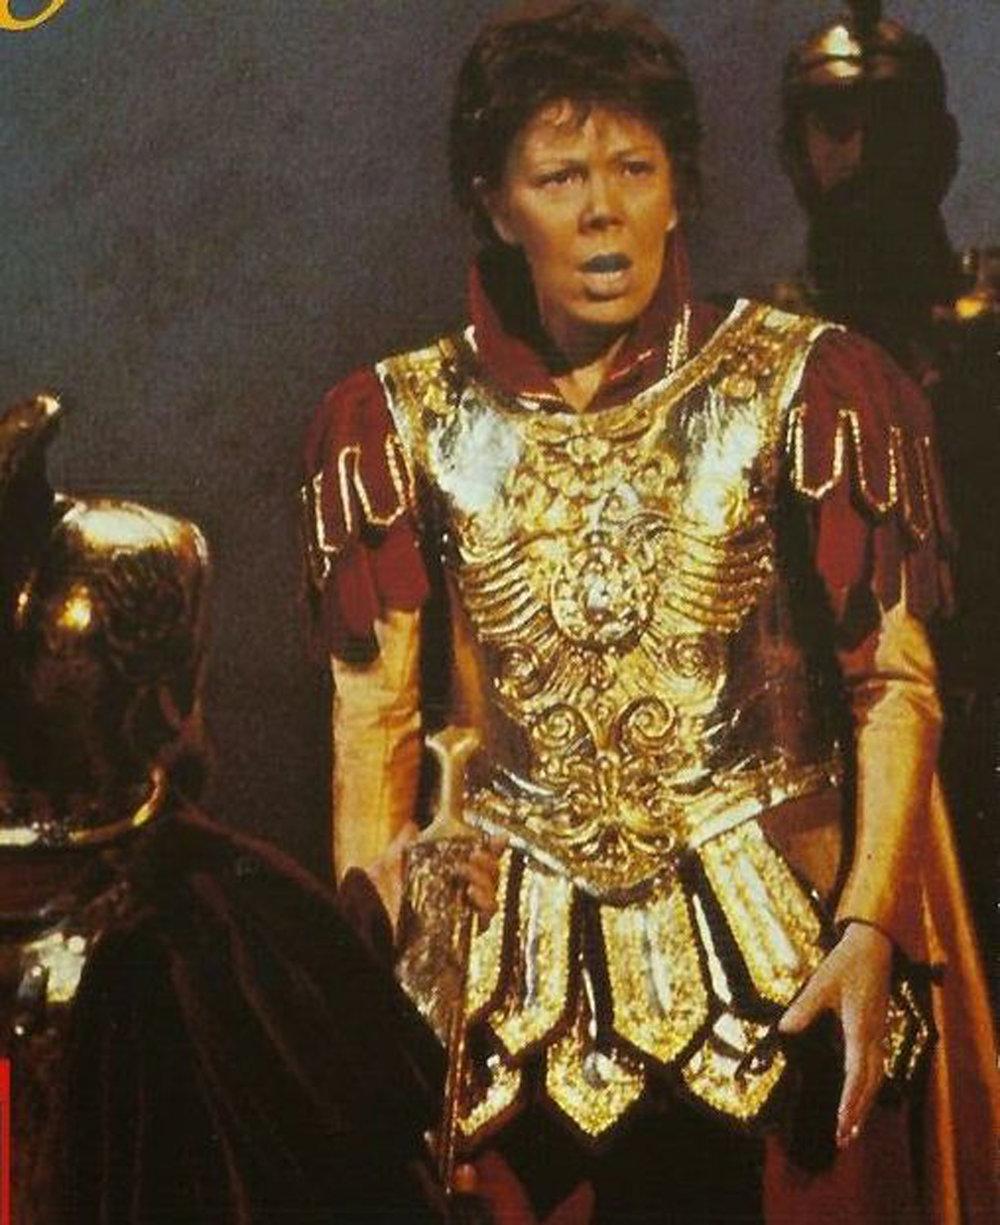 Dame Janet Baker - Julius Caesar